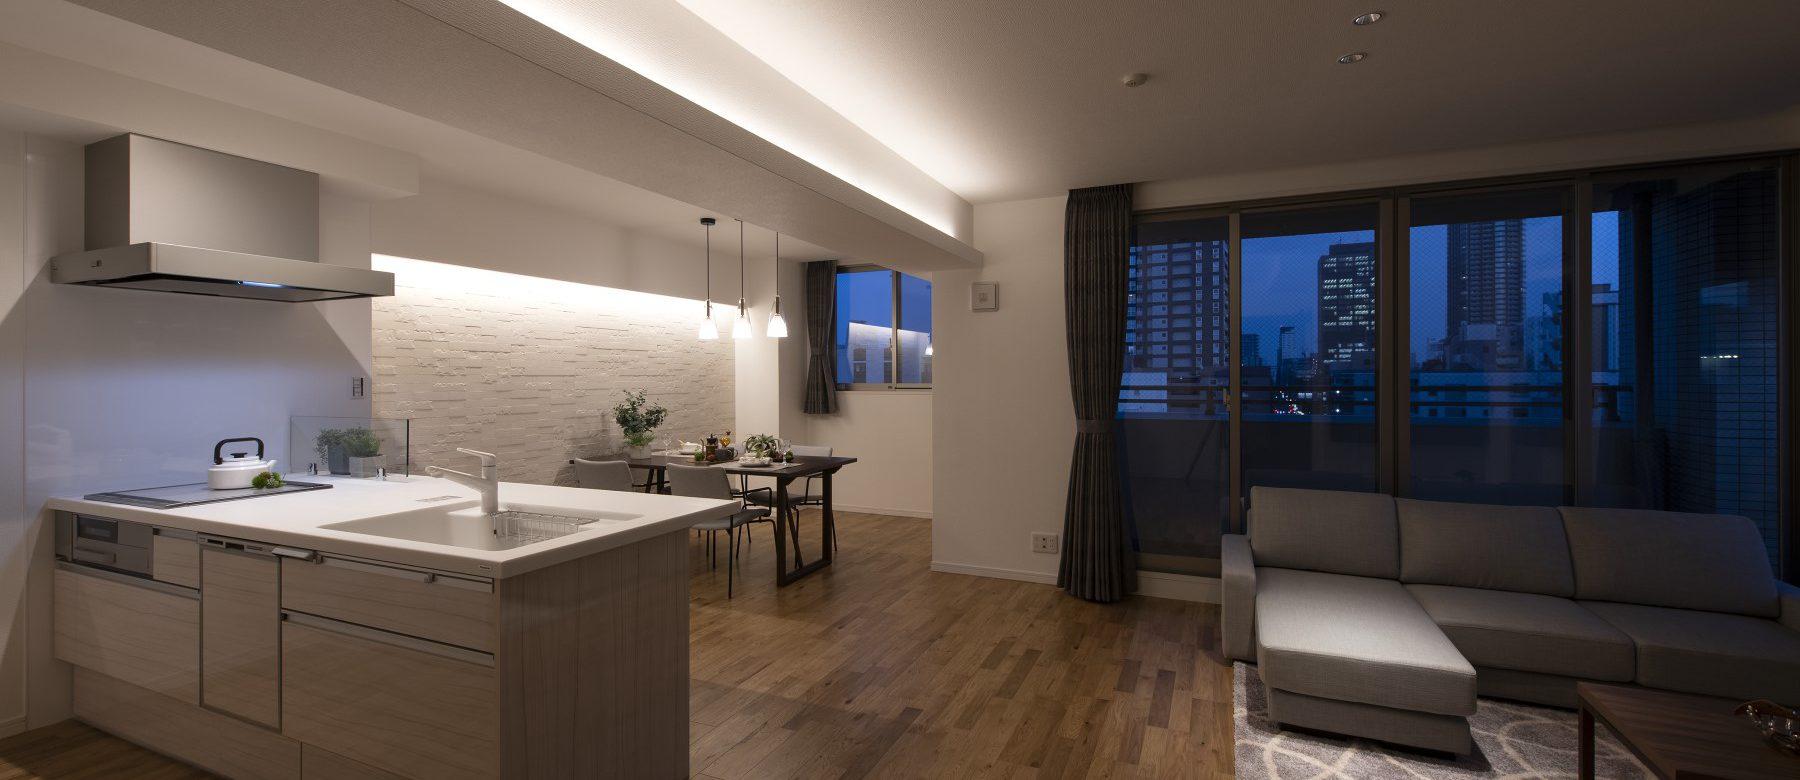 間接照明が素敵なマンションリフォーム